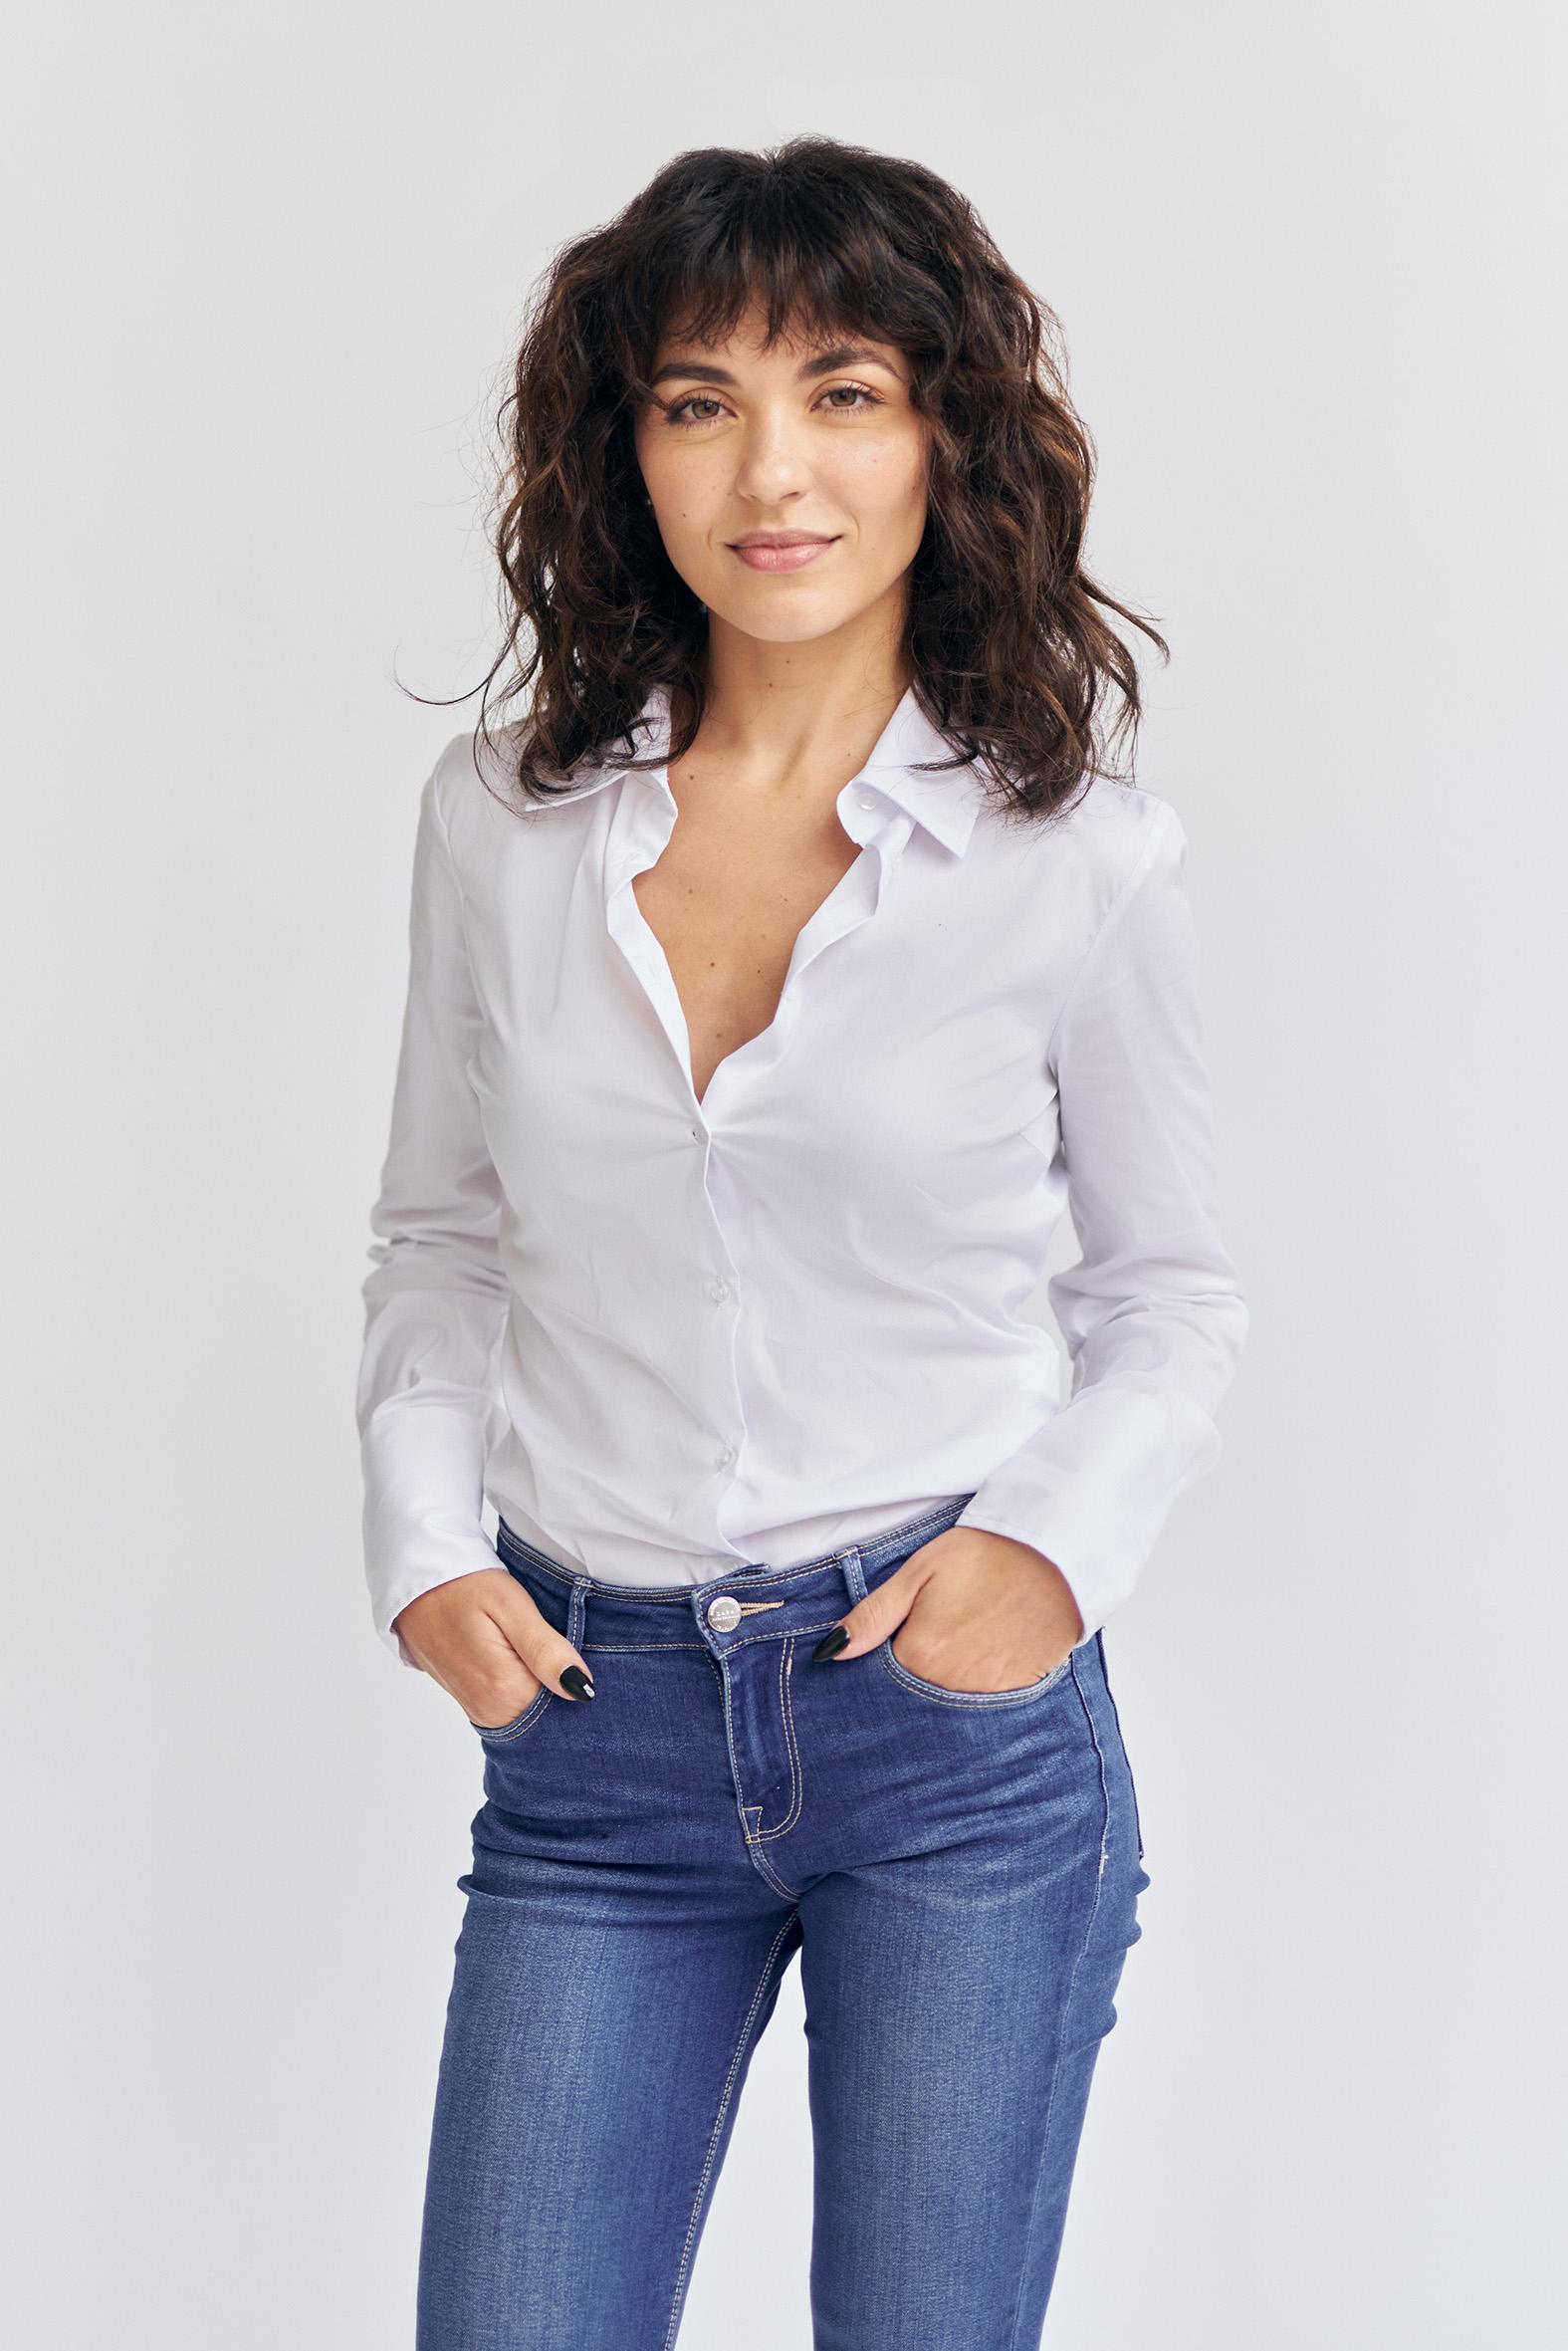 Sara Barradas 6